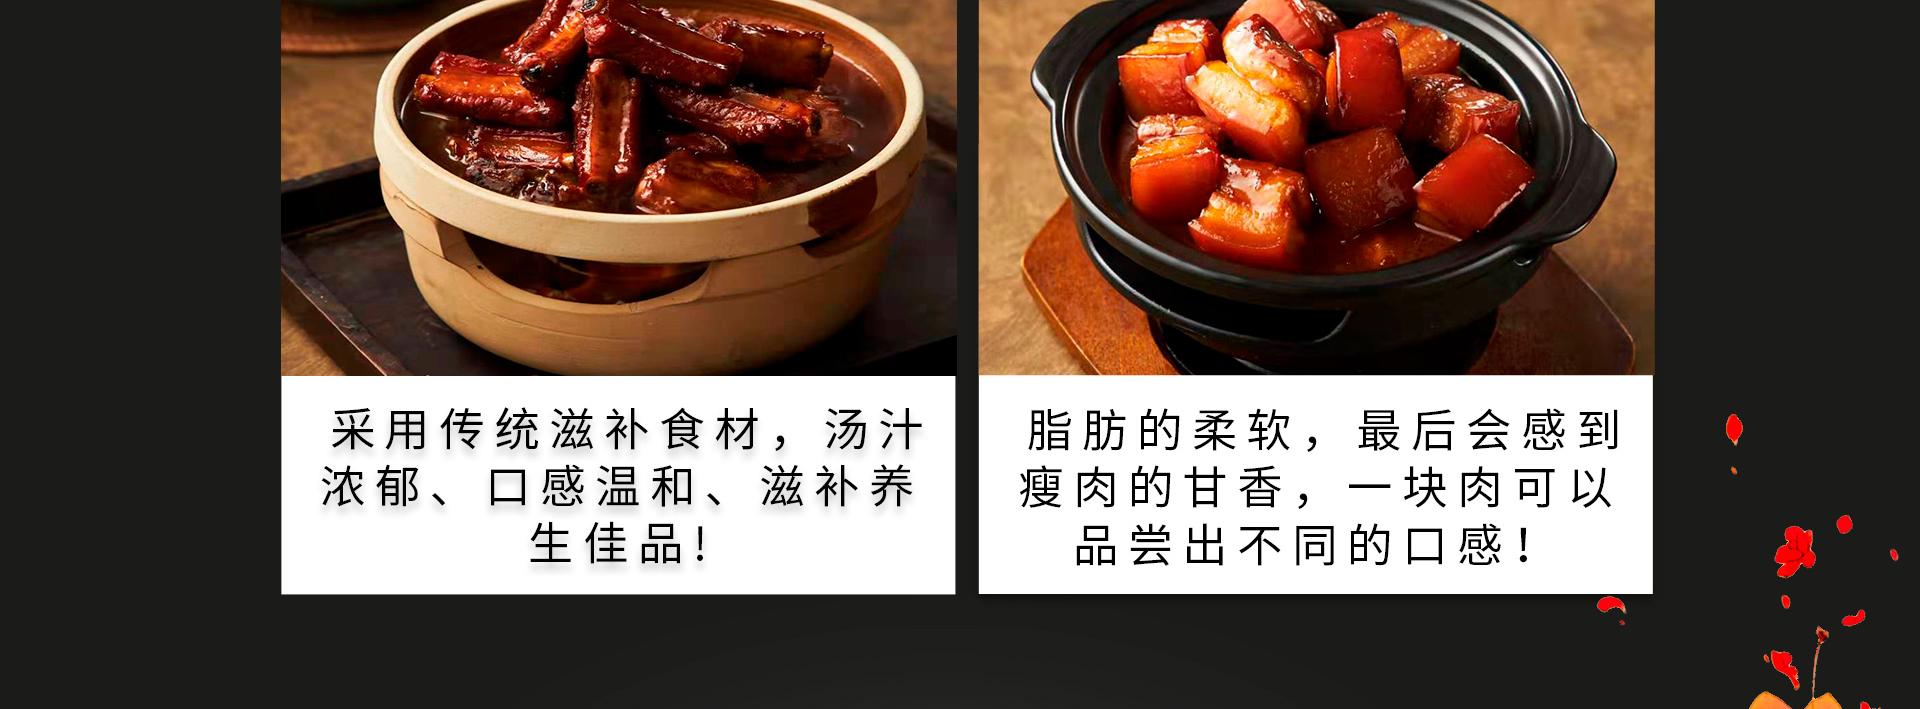 陶炉鸡快餐PC_17